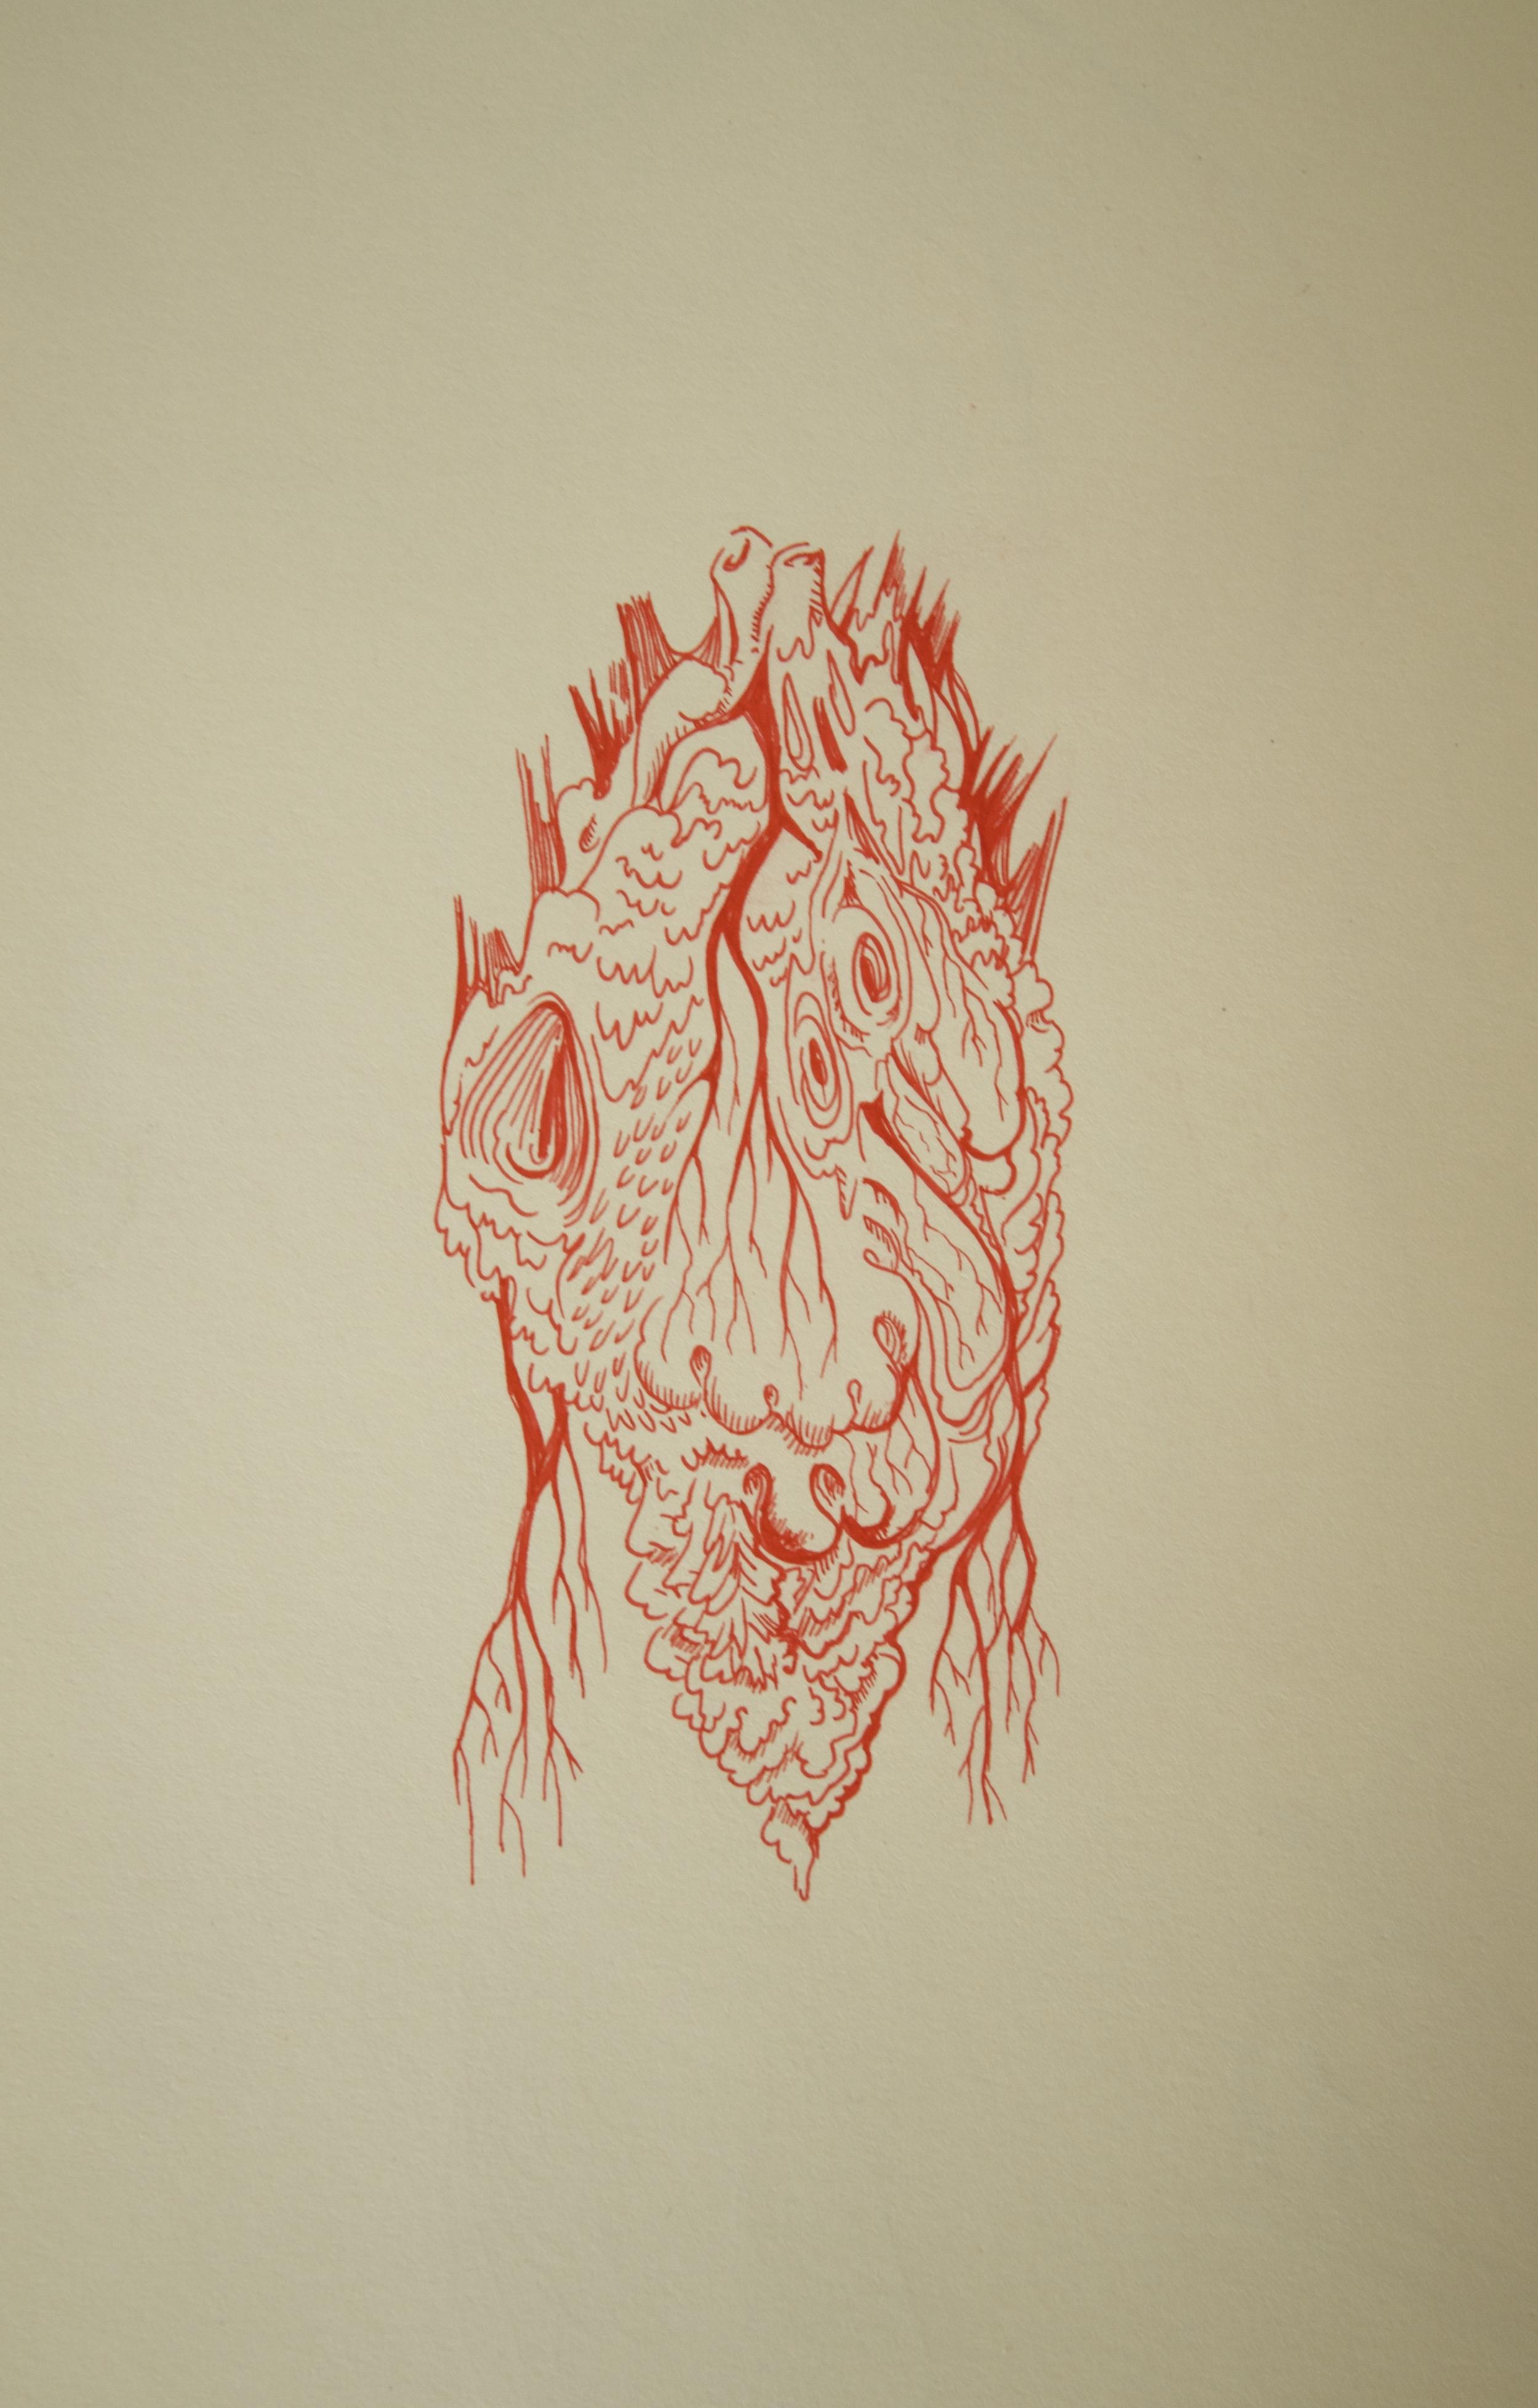 New Organ - Archival ink inMoleskine sketchbook